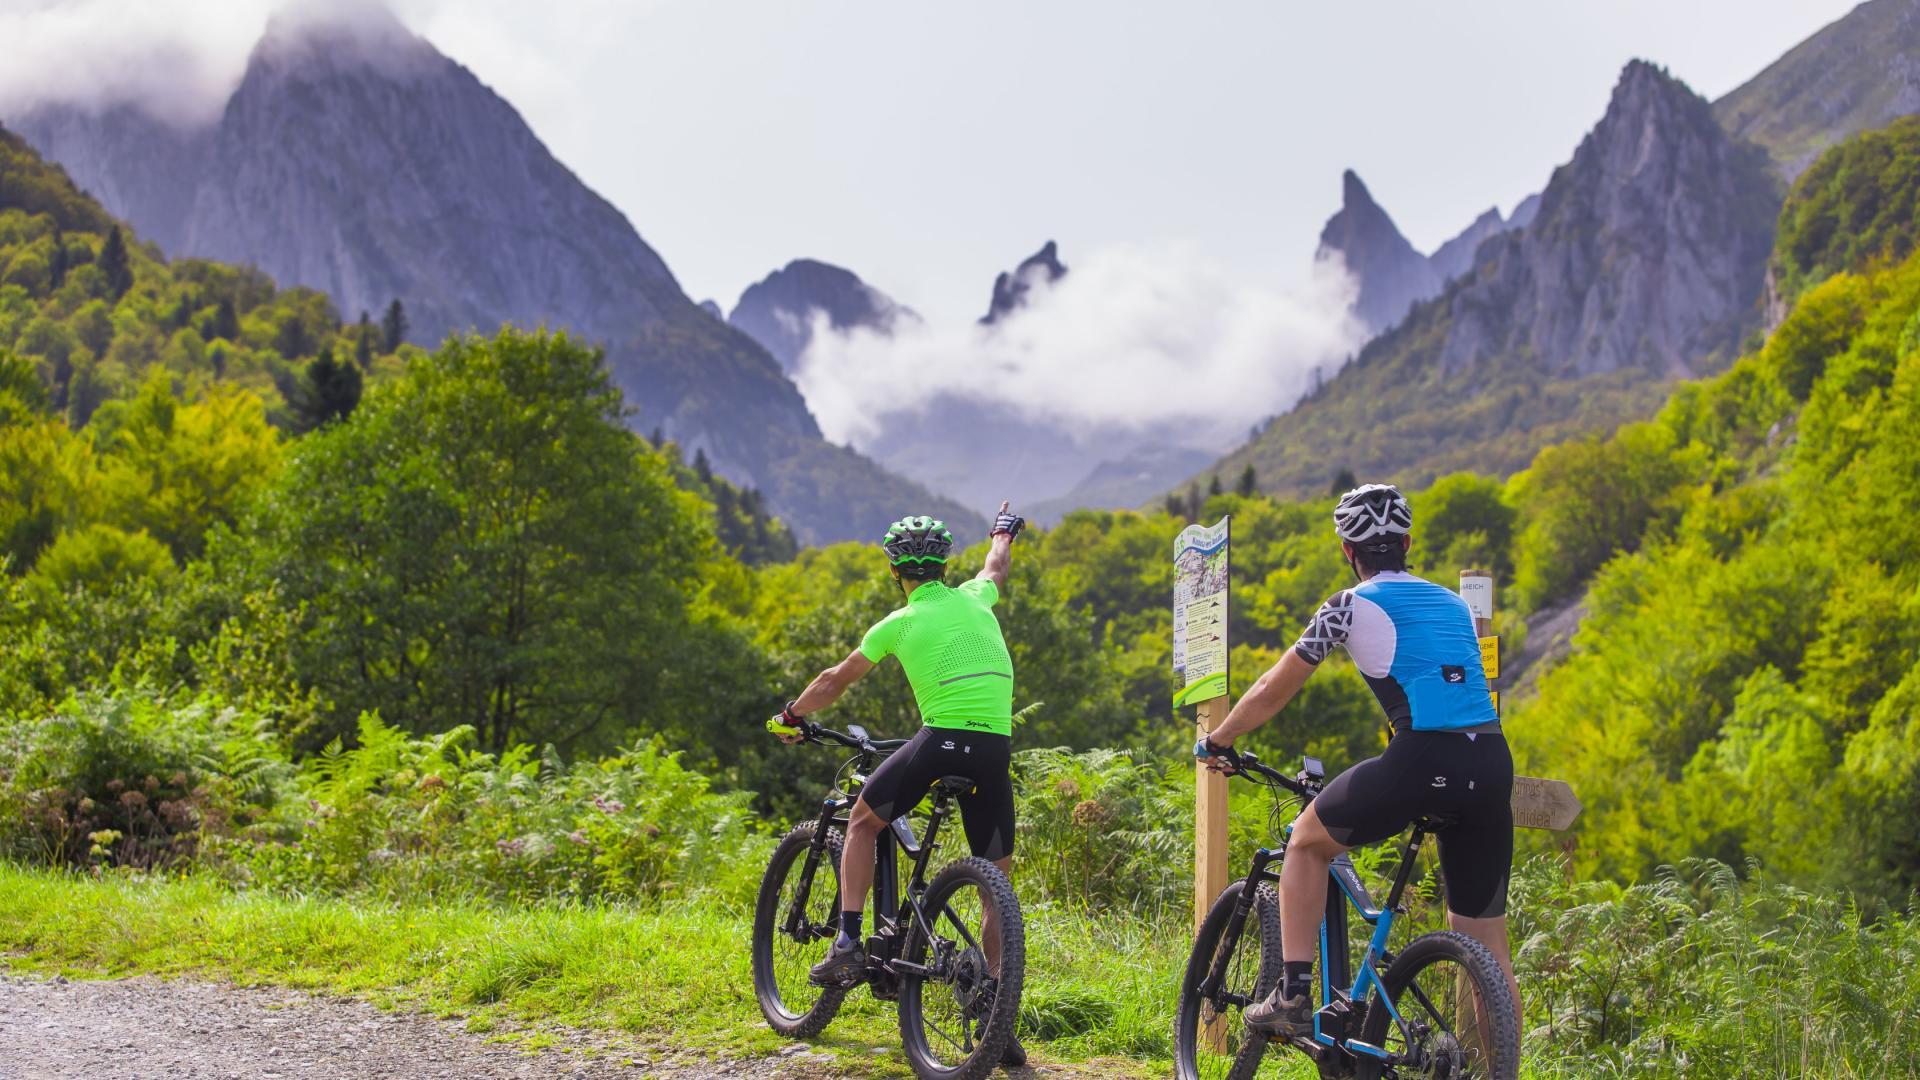 Randonnée en vélo à assistance électrique en Pyrénées béarnaises dans le cirque de Lescun